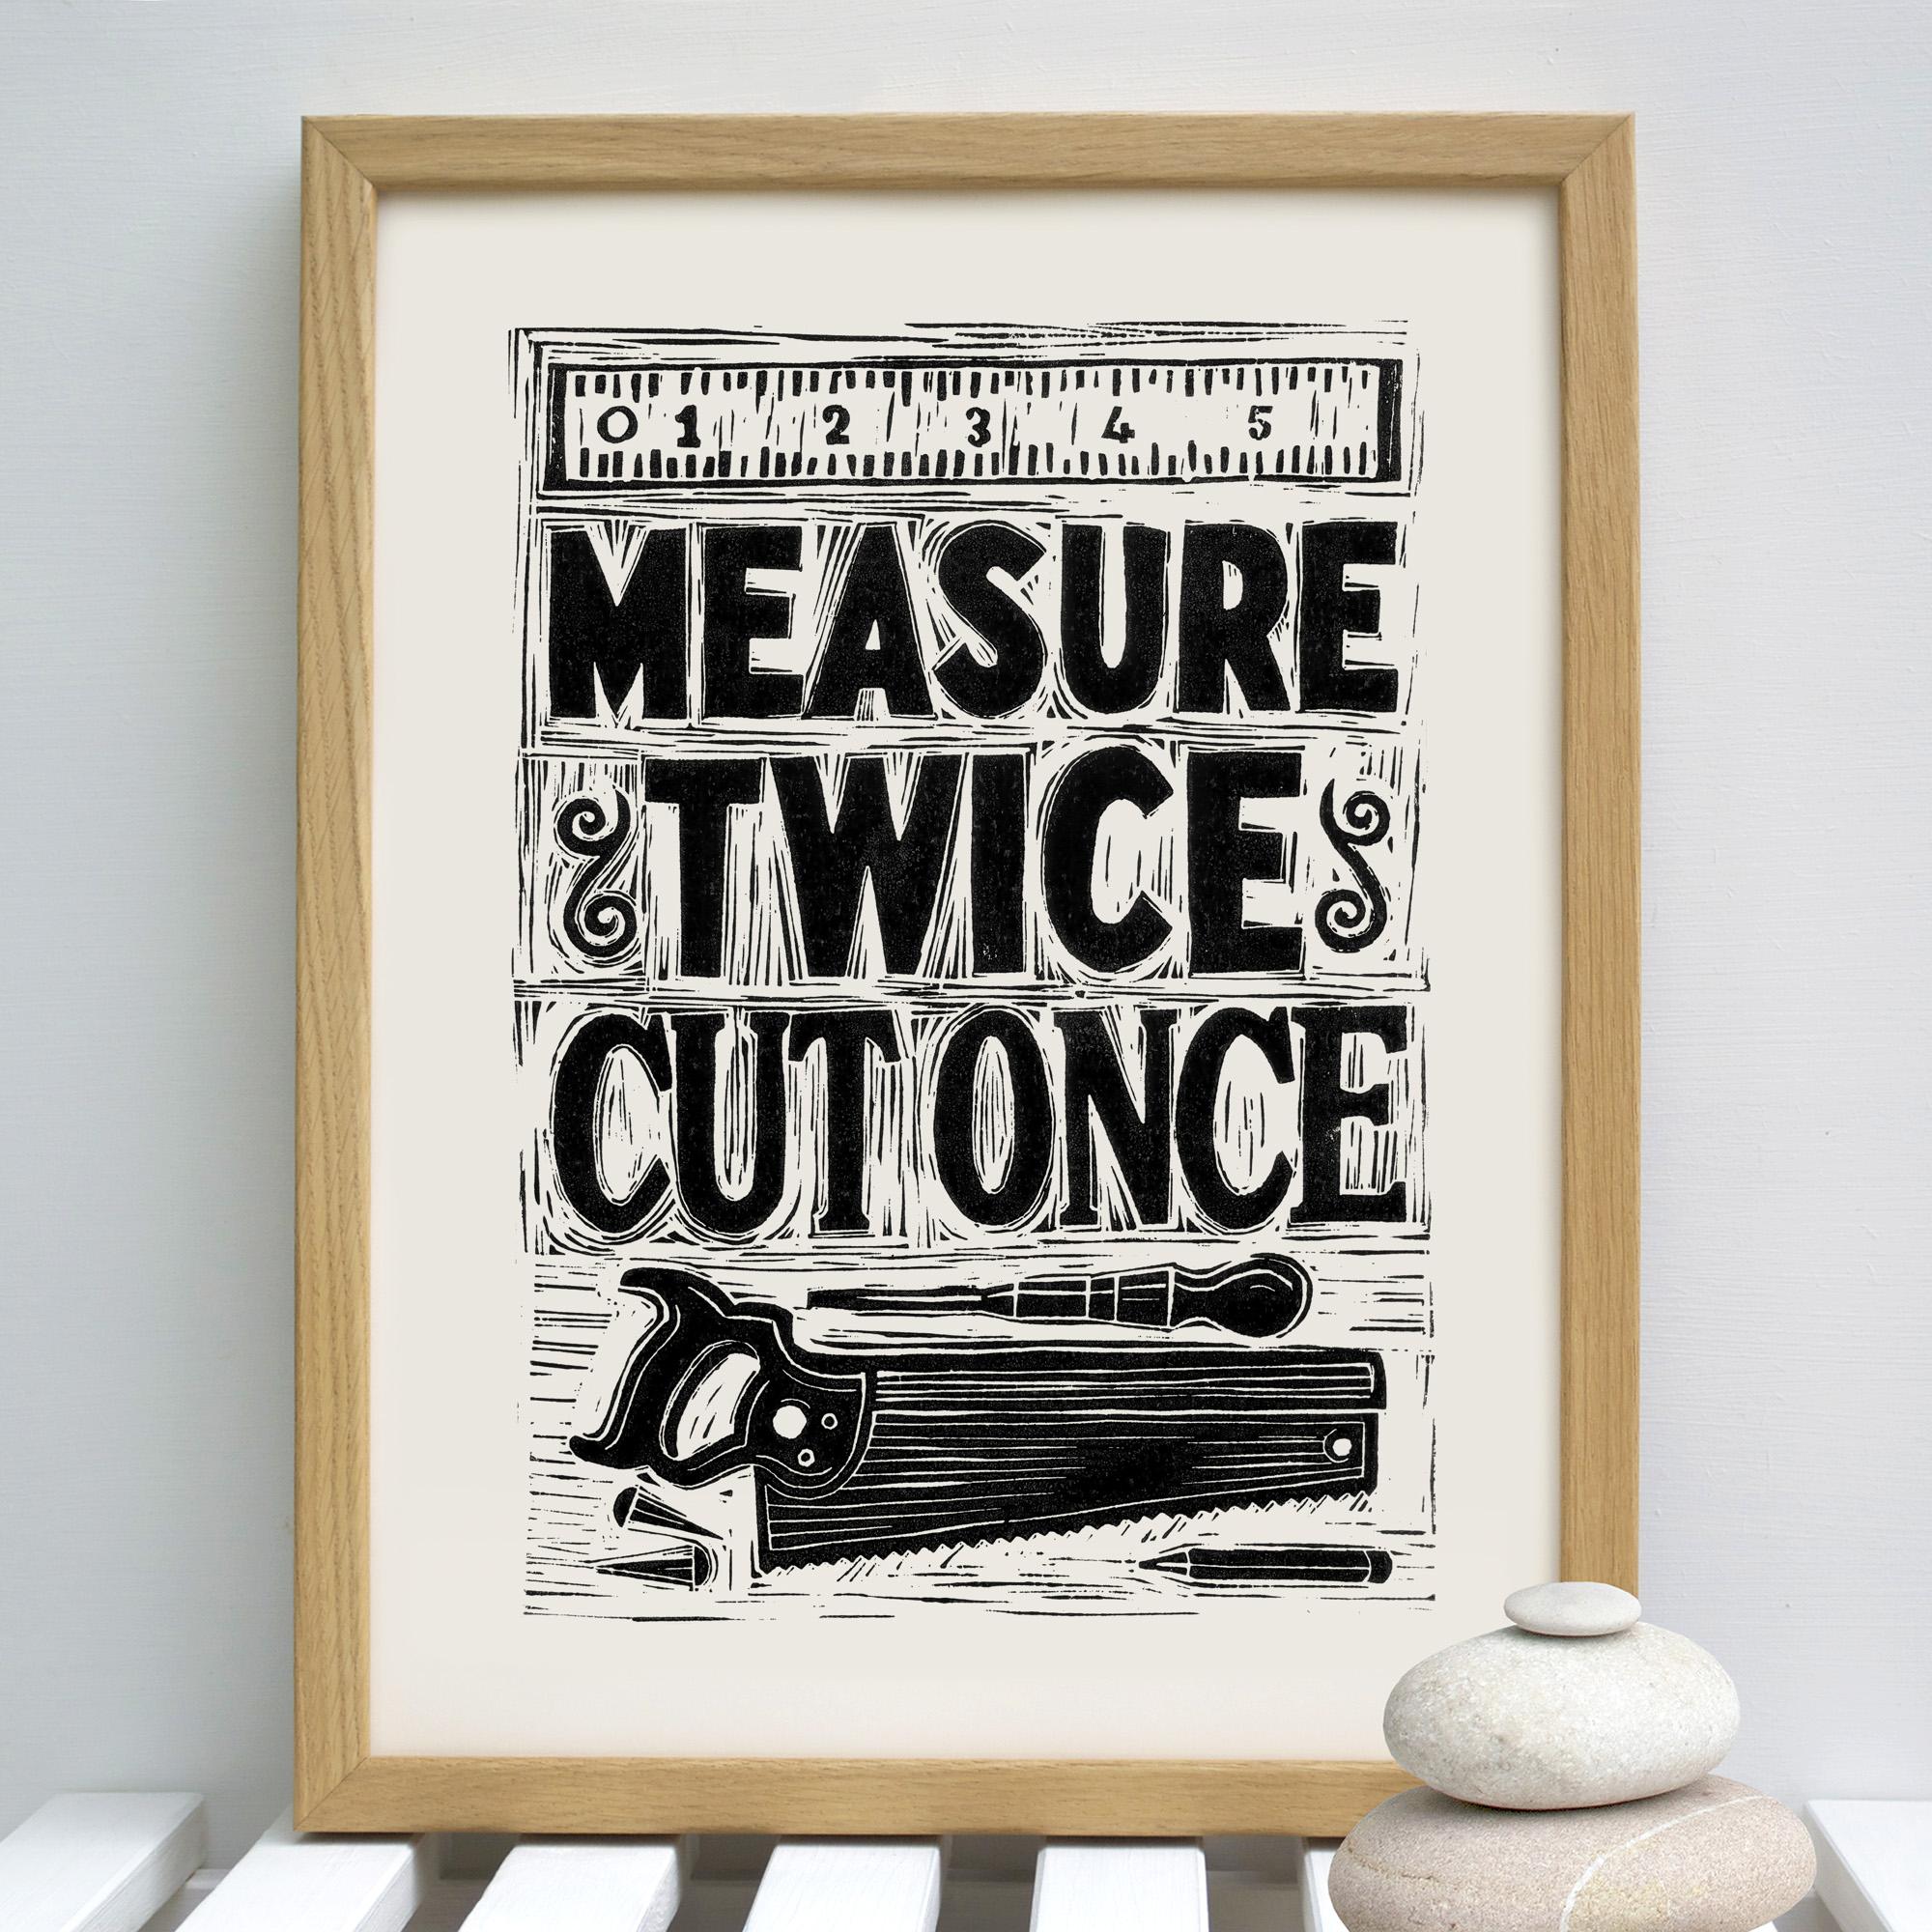 measuretwice.woodframe